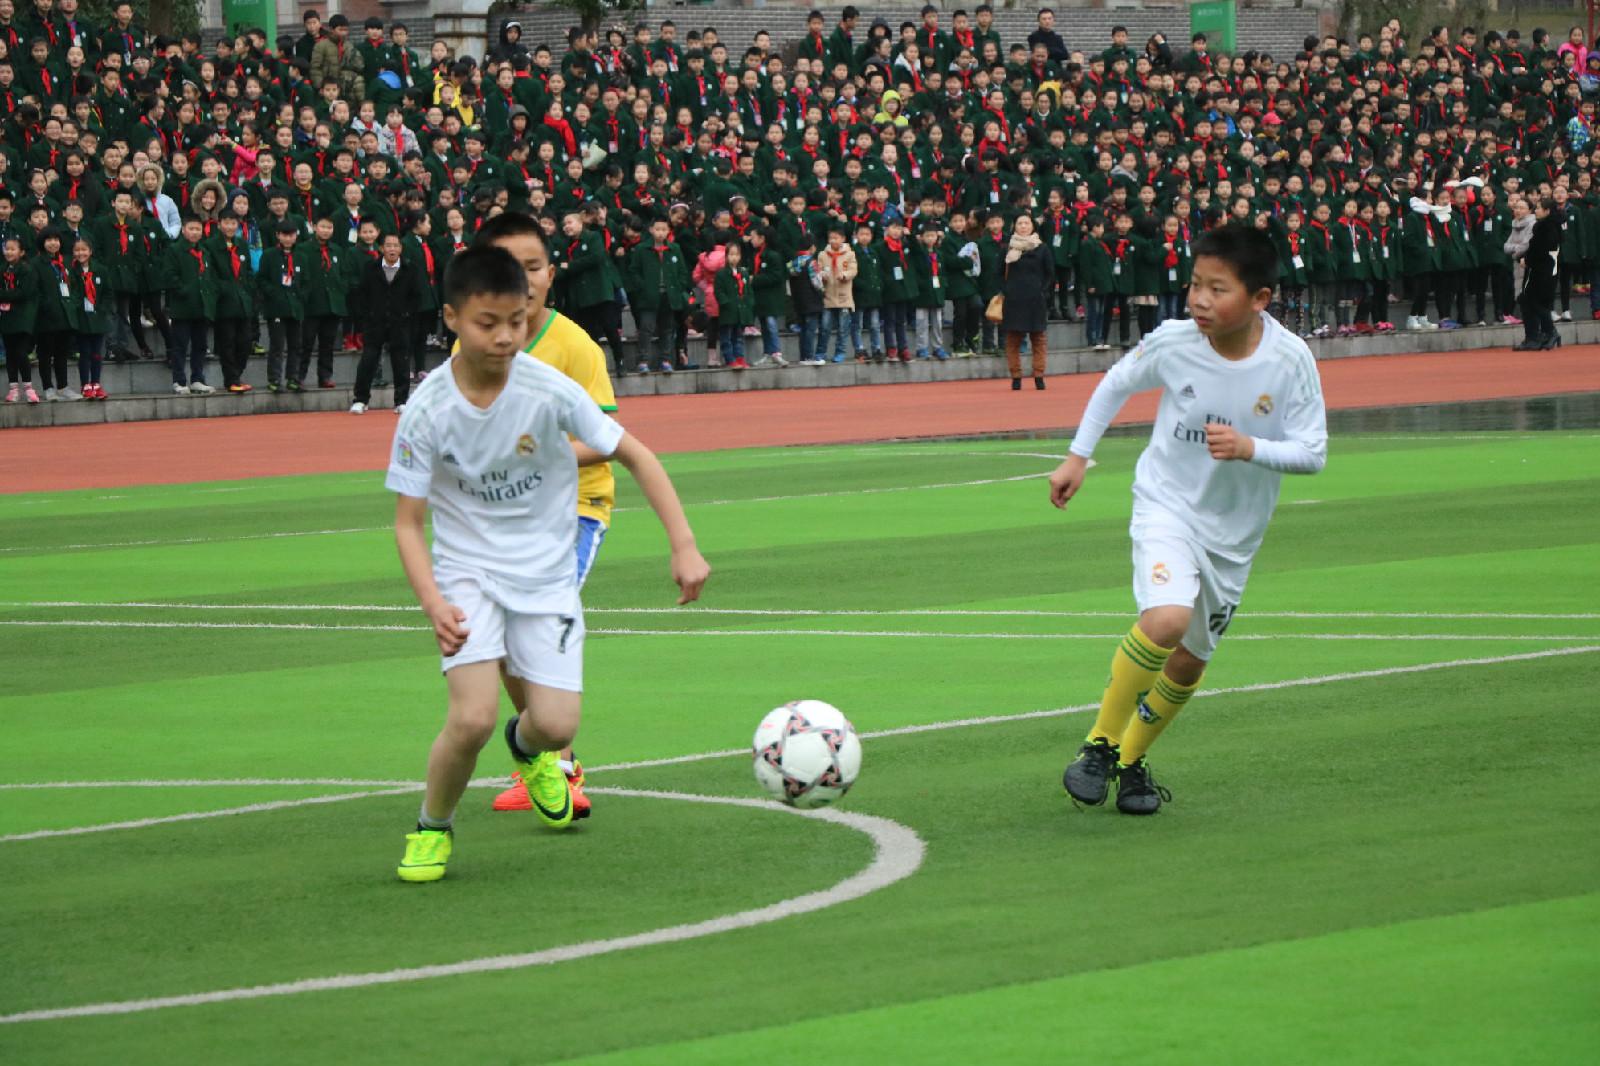 璧山实验小学第四届班级足球联赛开赛